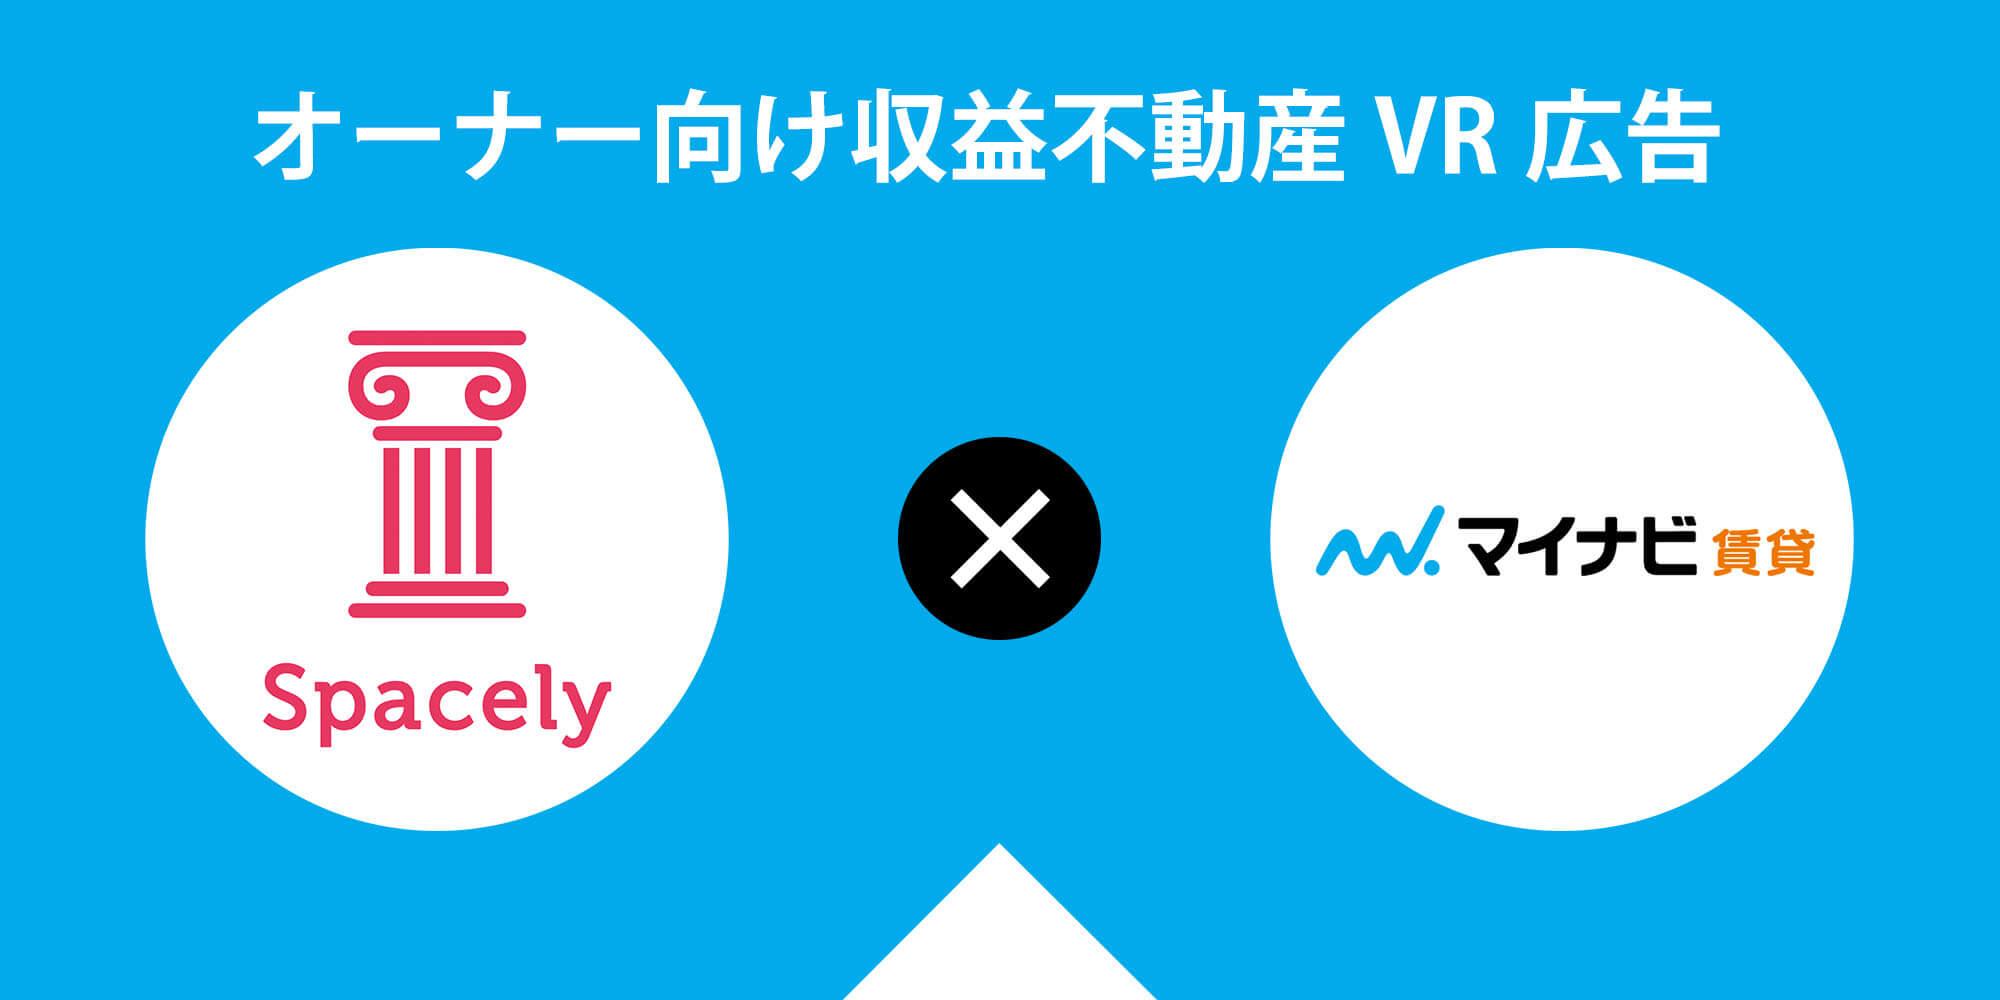 マイナビ賃貸タイアップ企画-オーナー向け収益不動産VR広告を提供